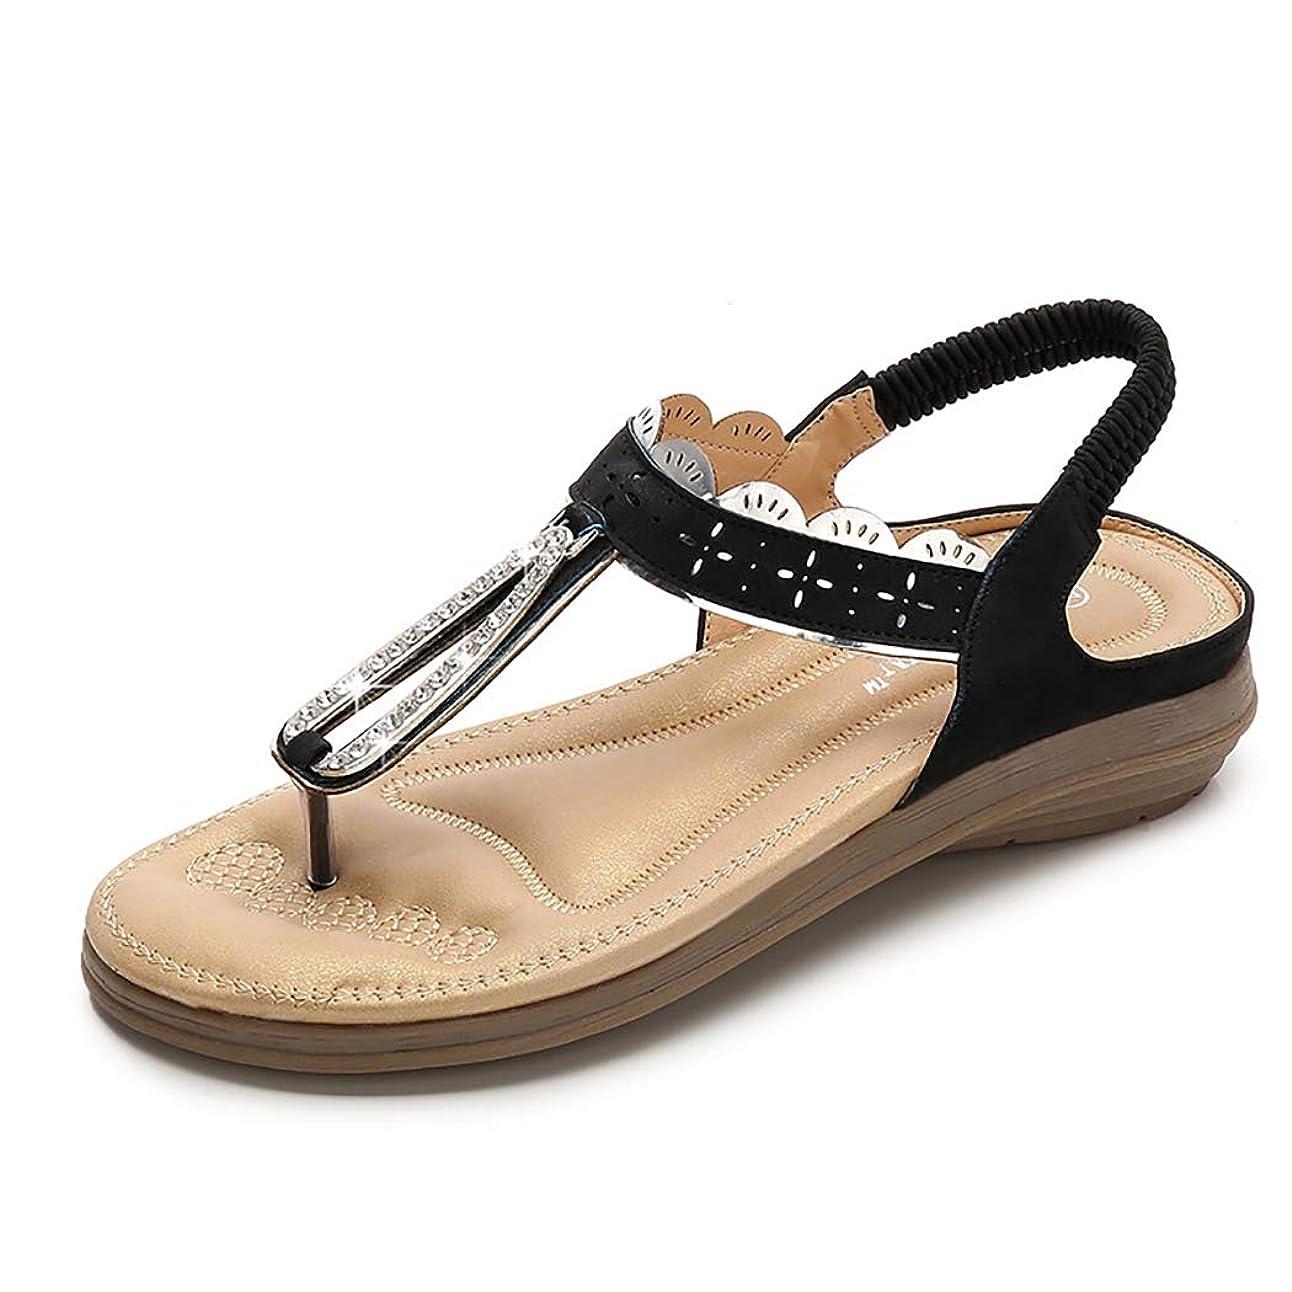 固有の参加者自然レディースtストラップサンダルファッションラウンドヘッドフラットボヘミアスタイルローマンクリップつま先フリップフロップ快適な弾性ベルトカジュアル夏の靴